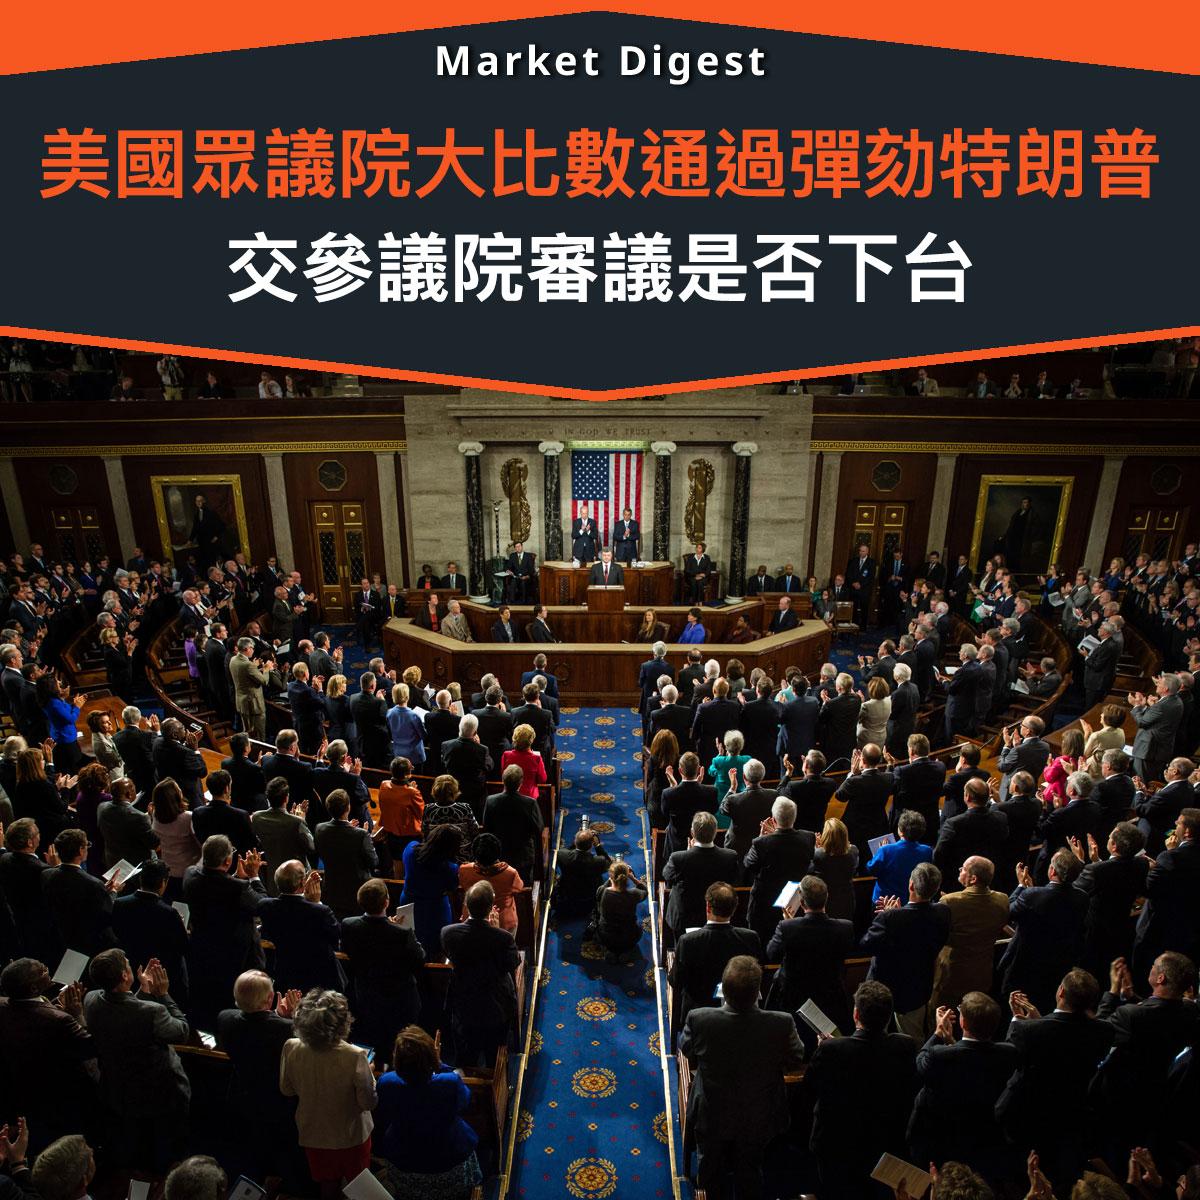 【市場熱話】美國眾議院大比數通過彈劾特朗普,交參議院審議是否下台